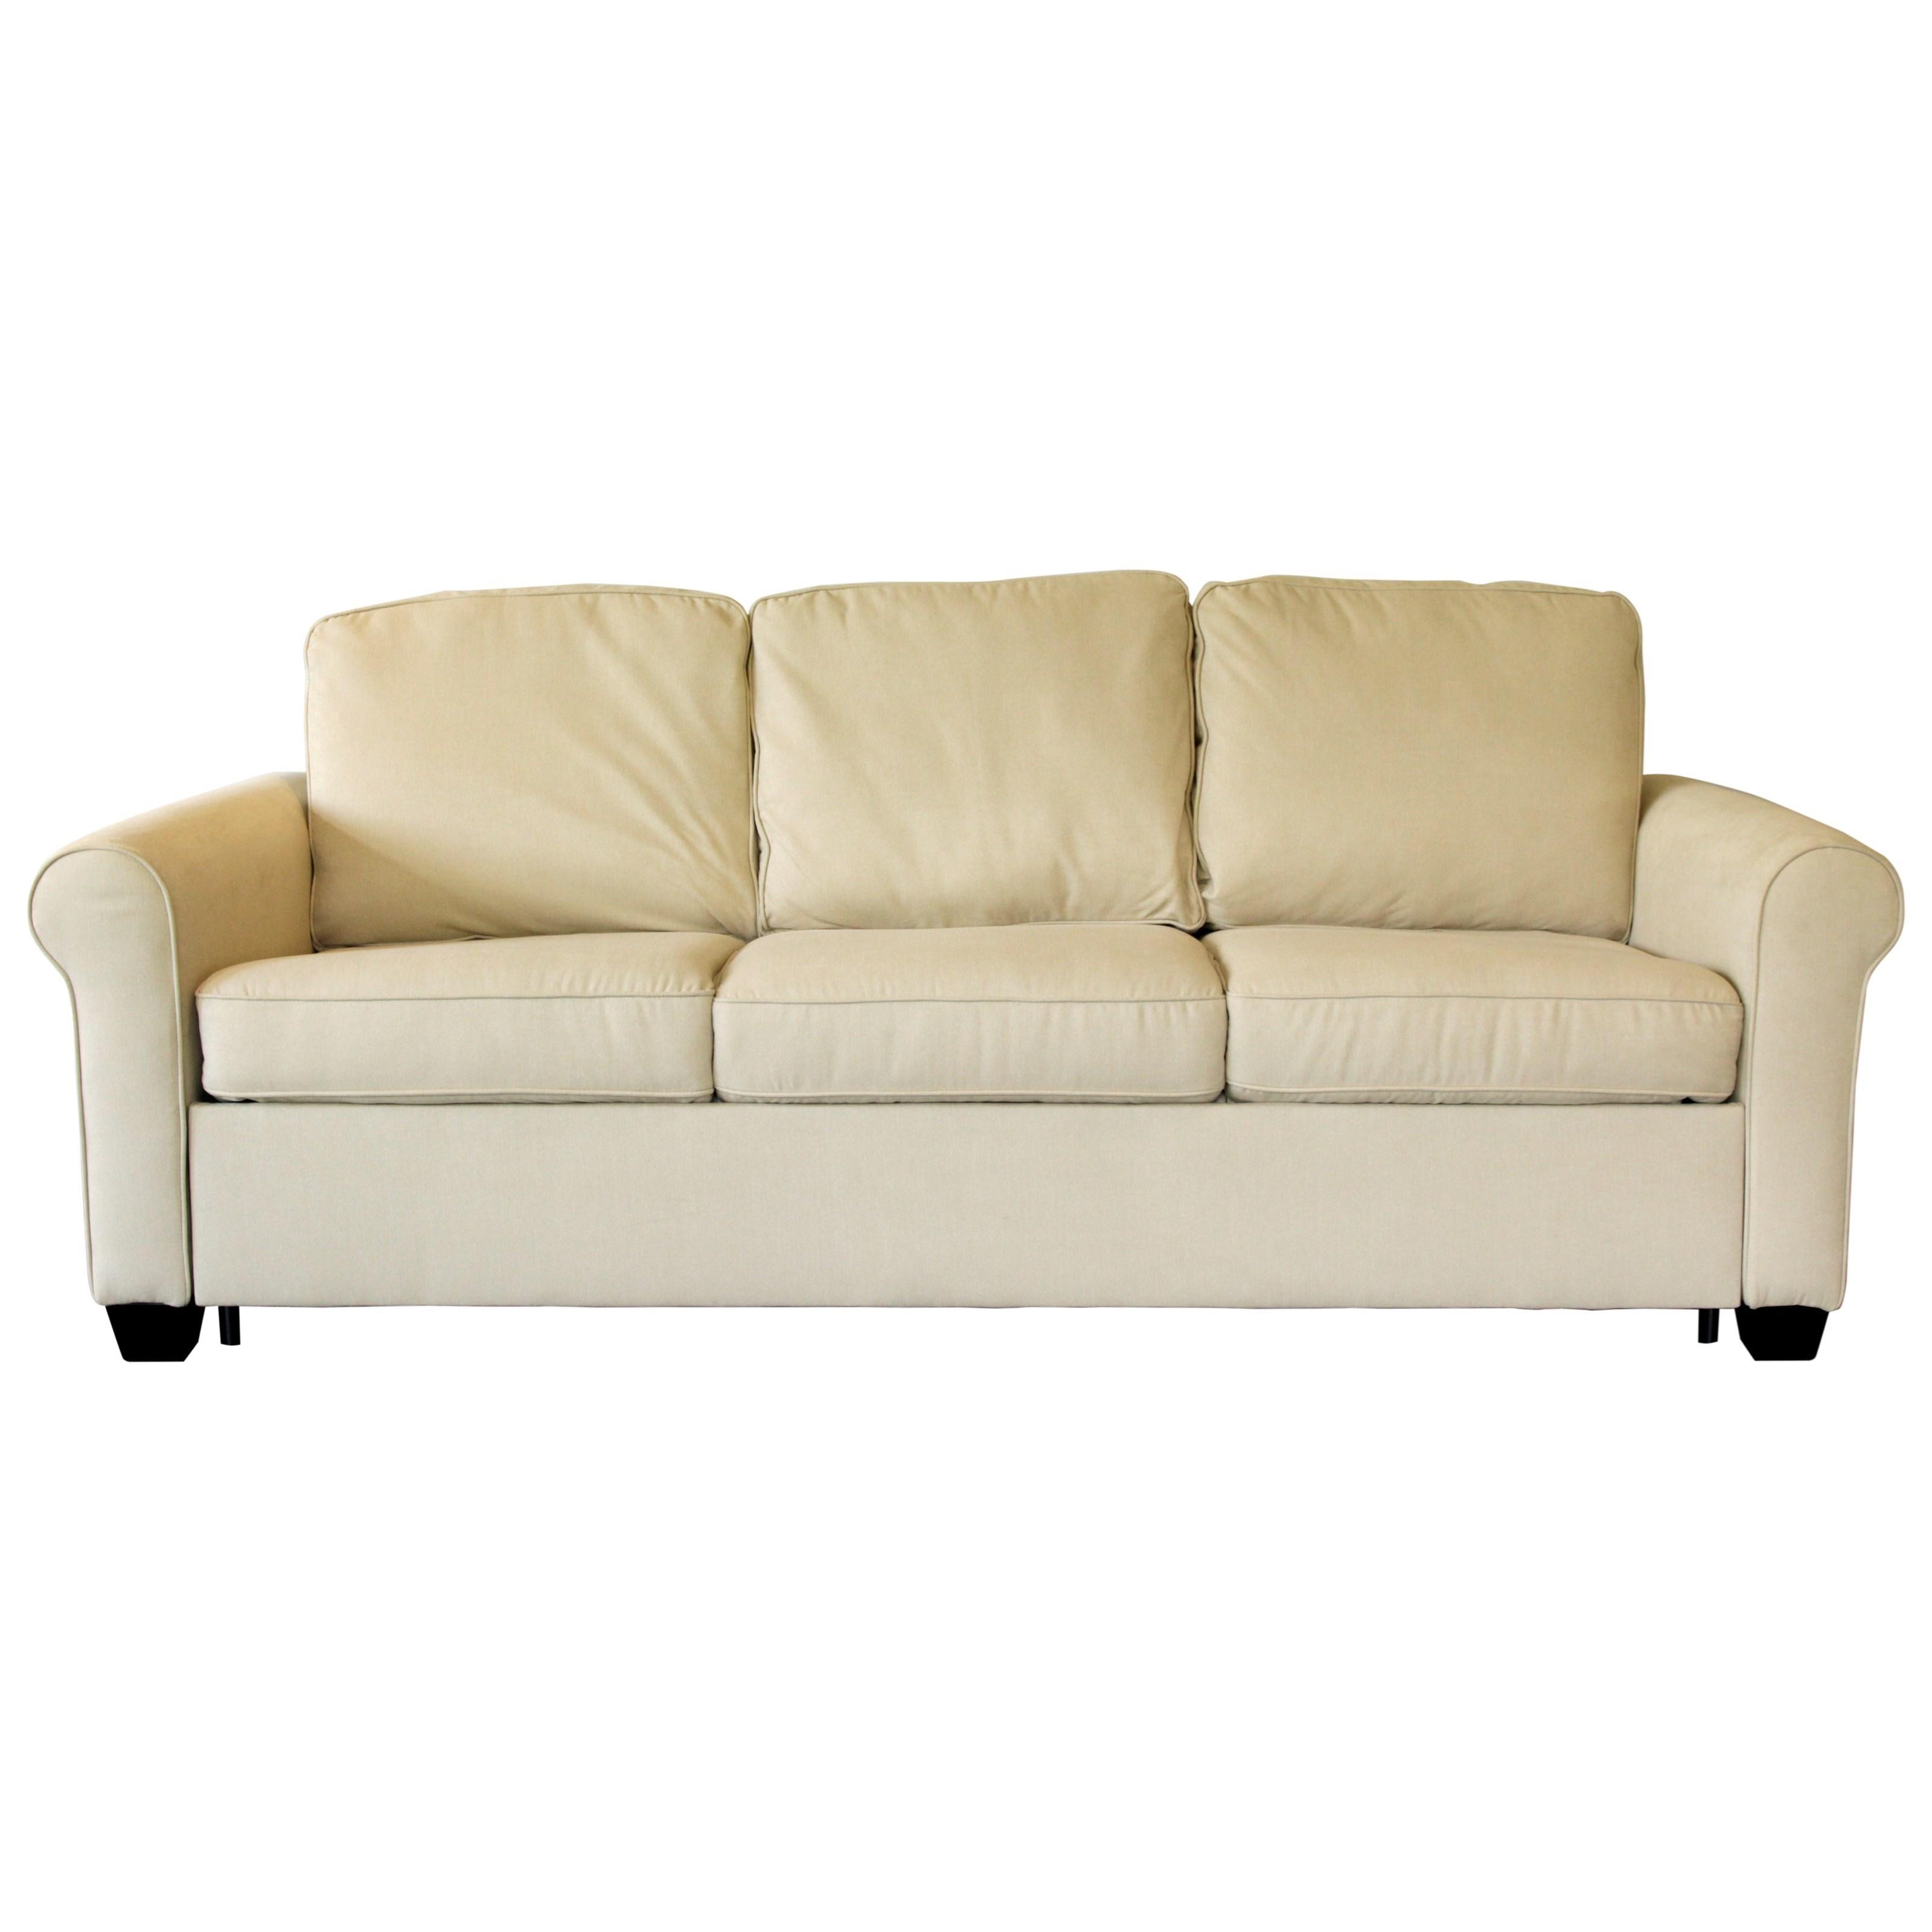 Swinden Double Sofa Sleeper by Palliser at A1 Furniture & Mattress